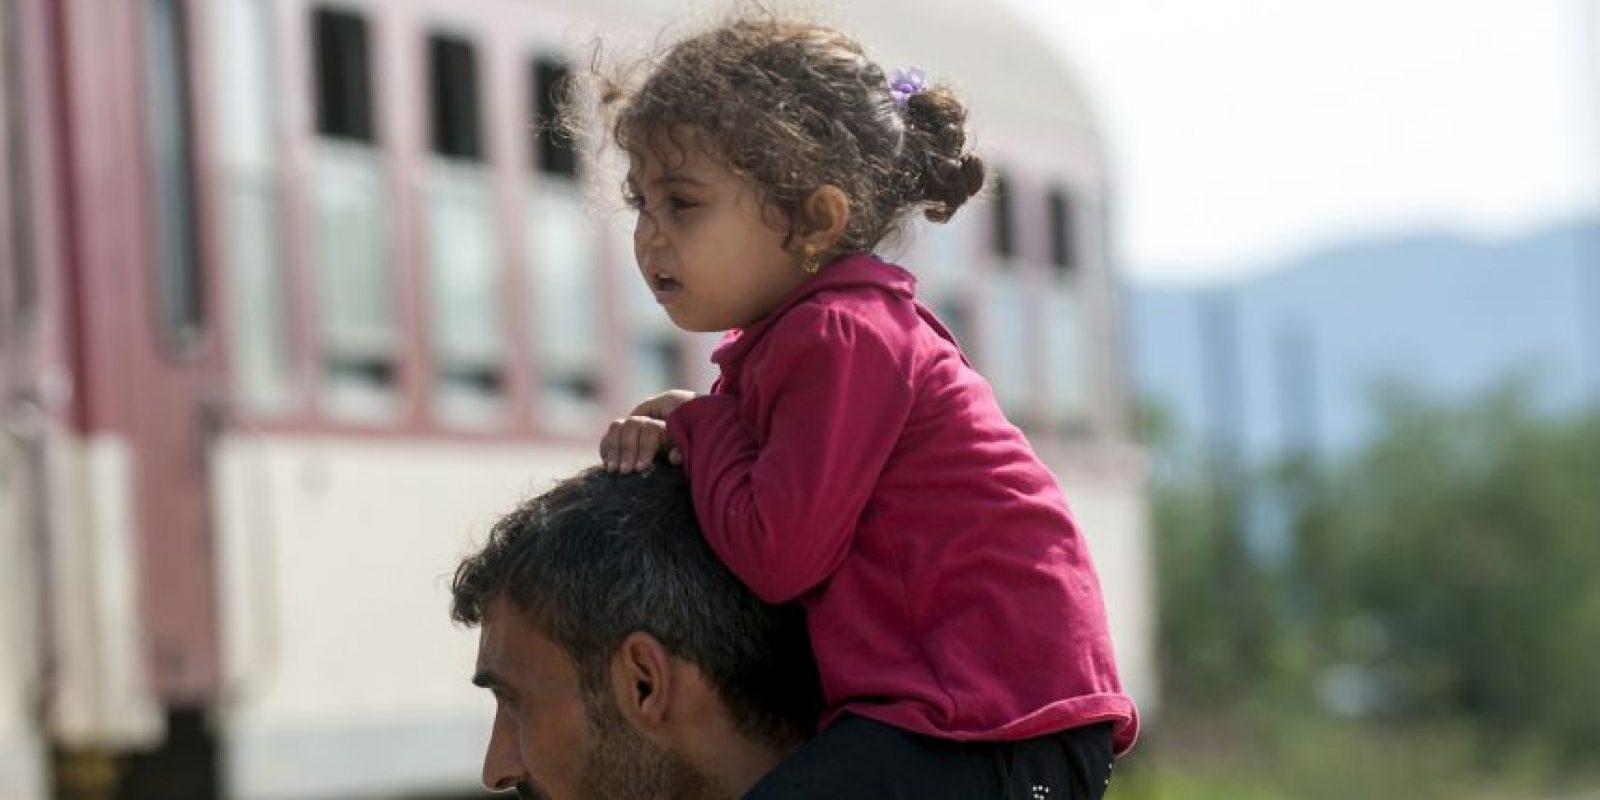 De su embarcación 15 personas fueron rescatadas y otras siguen desaparecidas. Foto:AFP